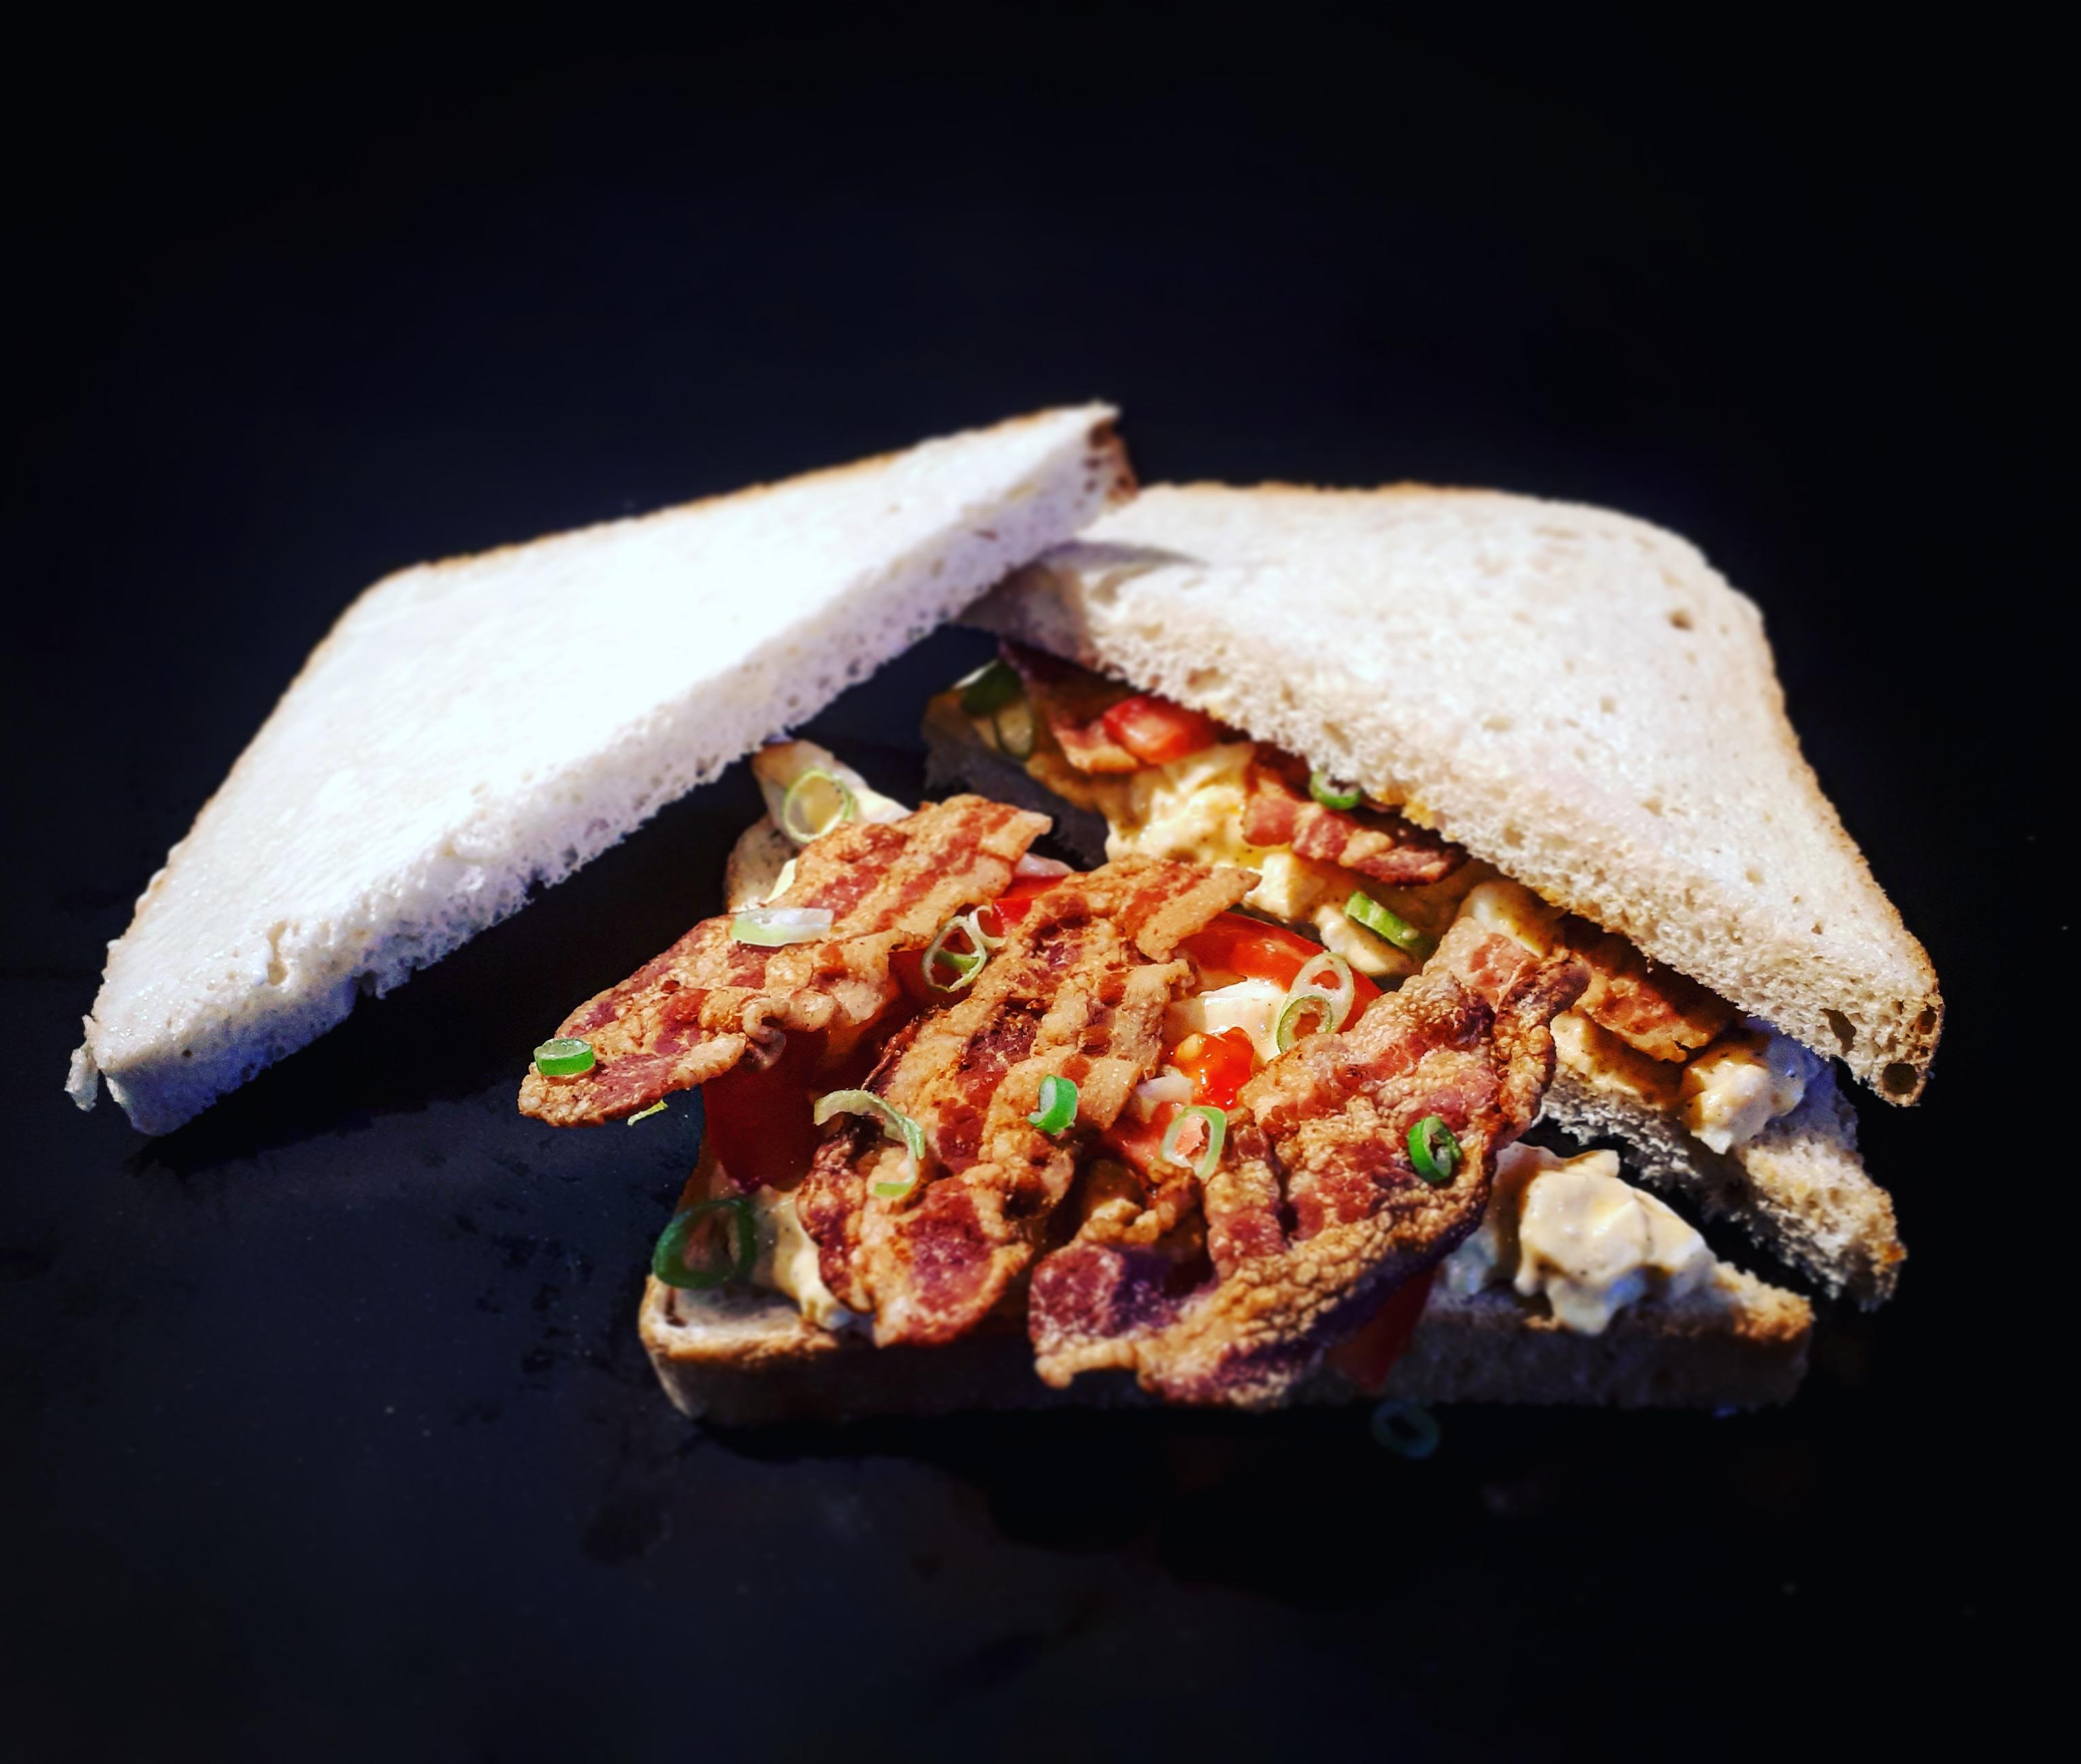 Tojáskrémes, baconos háromszög szendvics